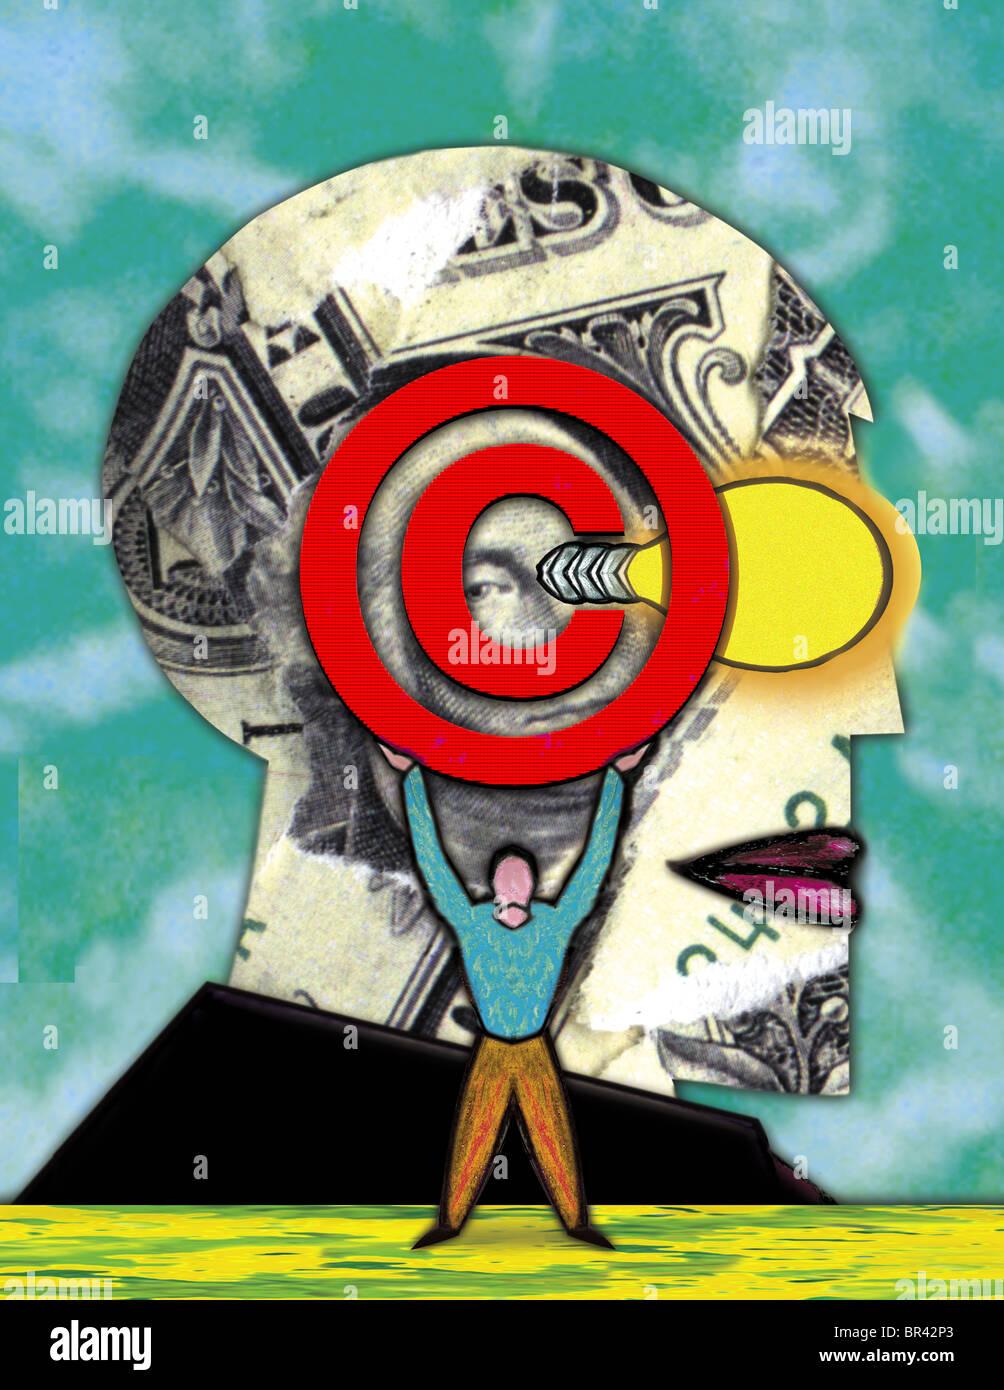 Una pequeña figura la celebración de un símbolo de copyright en la parte delantera de un collage de un jefe Foto de stock